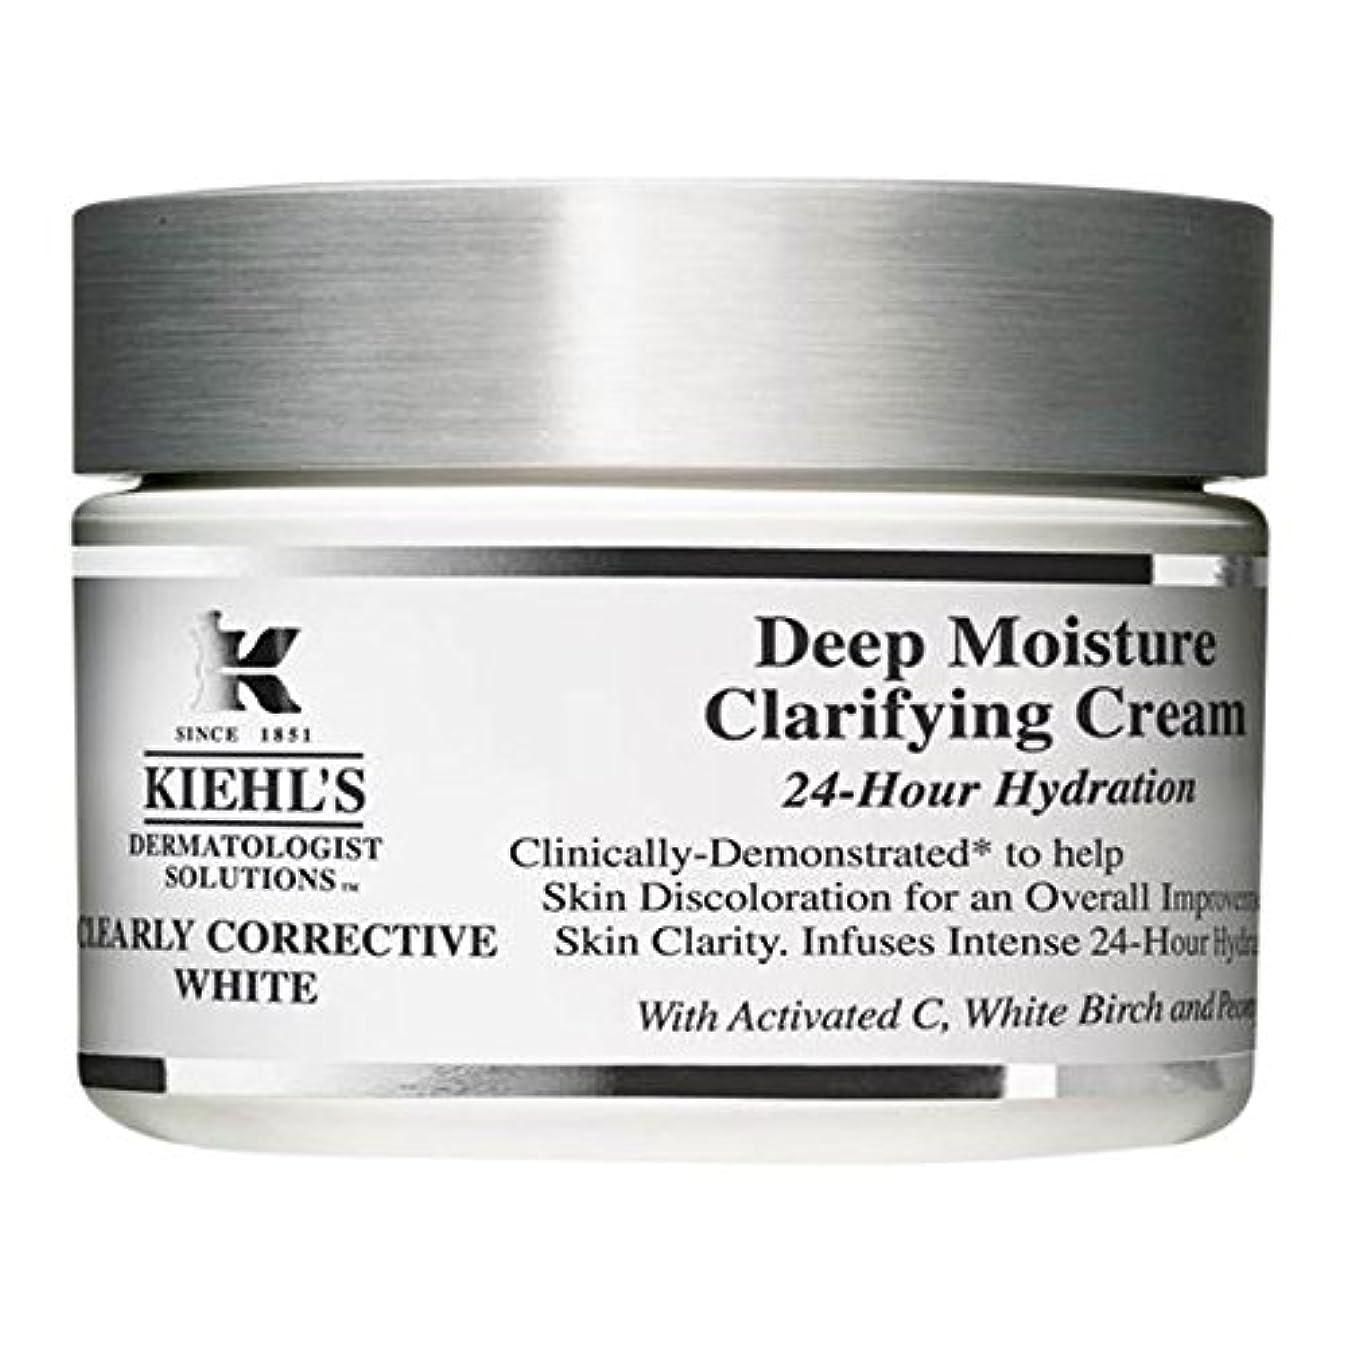 観客宿題をする報酬[Kiehl's] キールズ明確に是正白深い水分清澄クリーム - Kiehl's Clearly Corrective White Deep Moisture Clarifying Cream [並行輸入品]